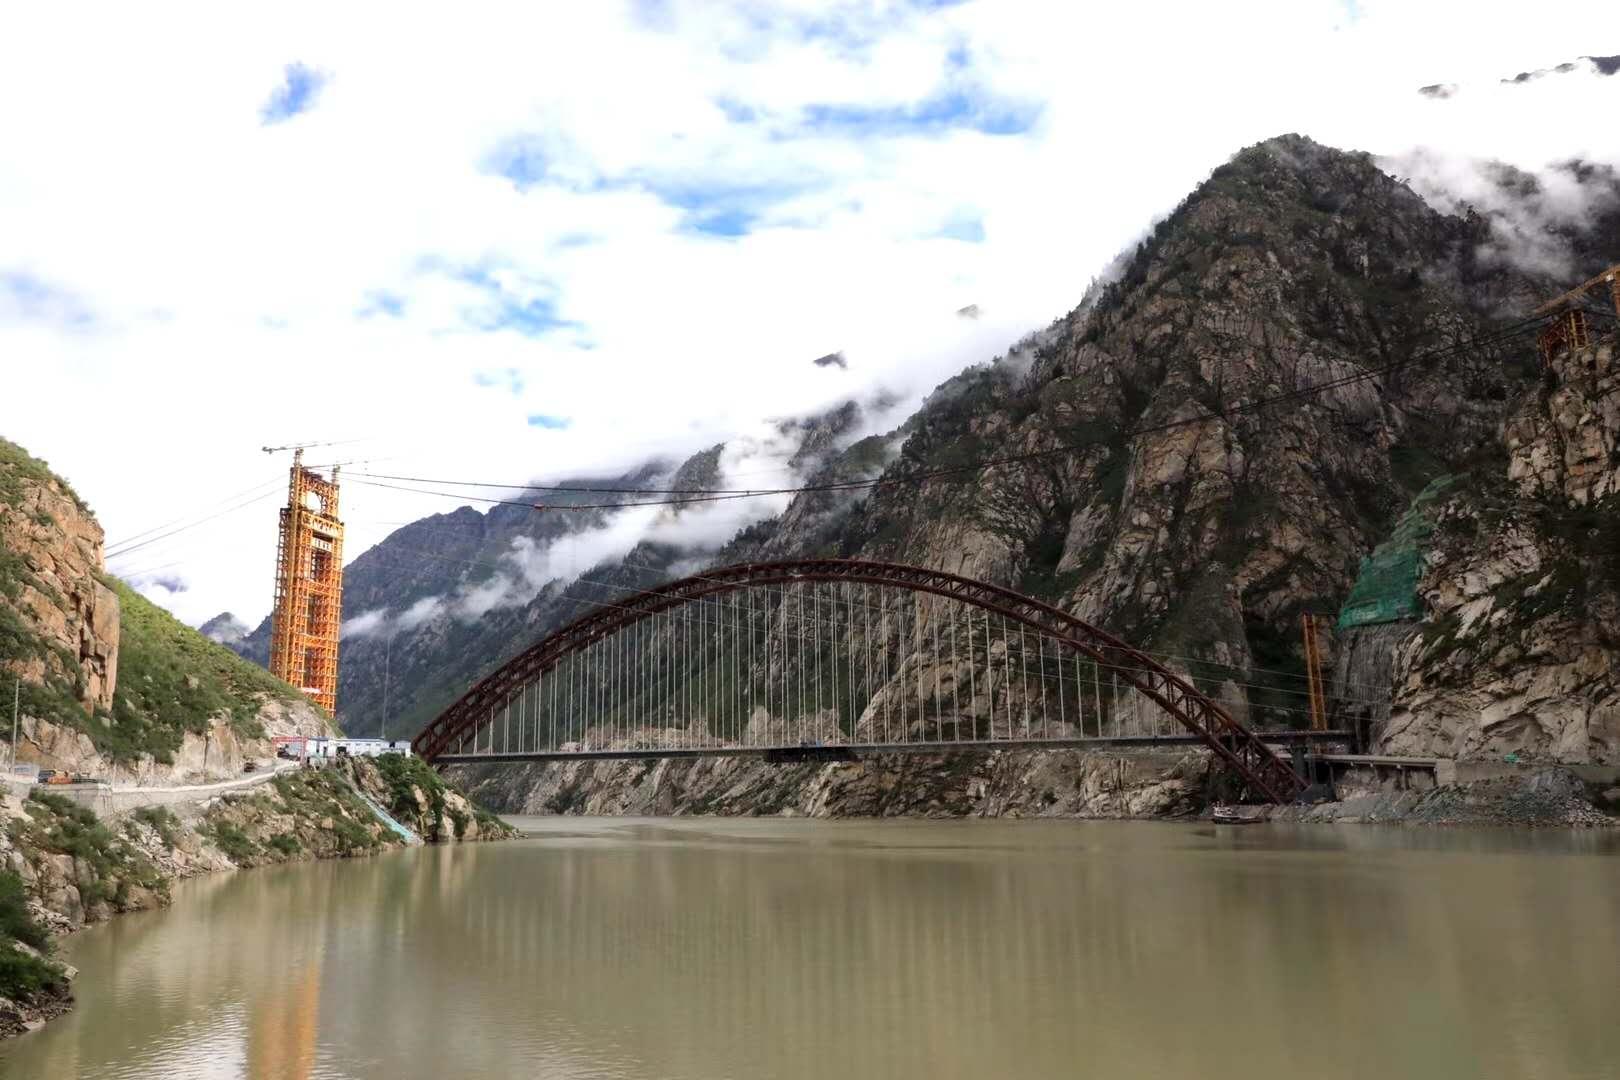 摩天注册:铁路藏木雅鲁藏布江摩天注册大桥合龙图片